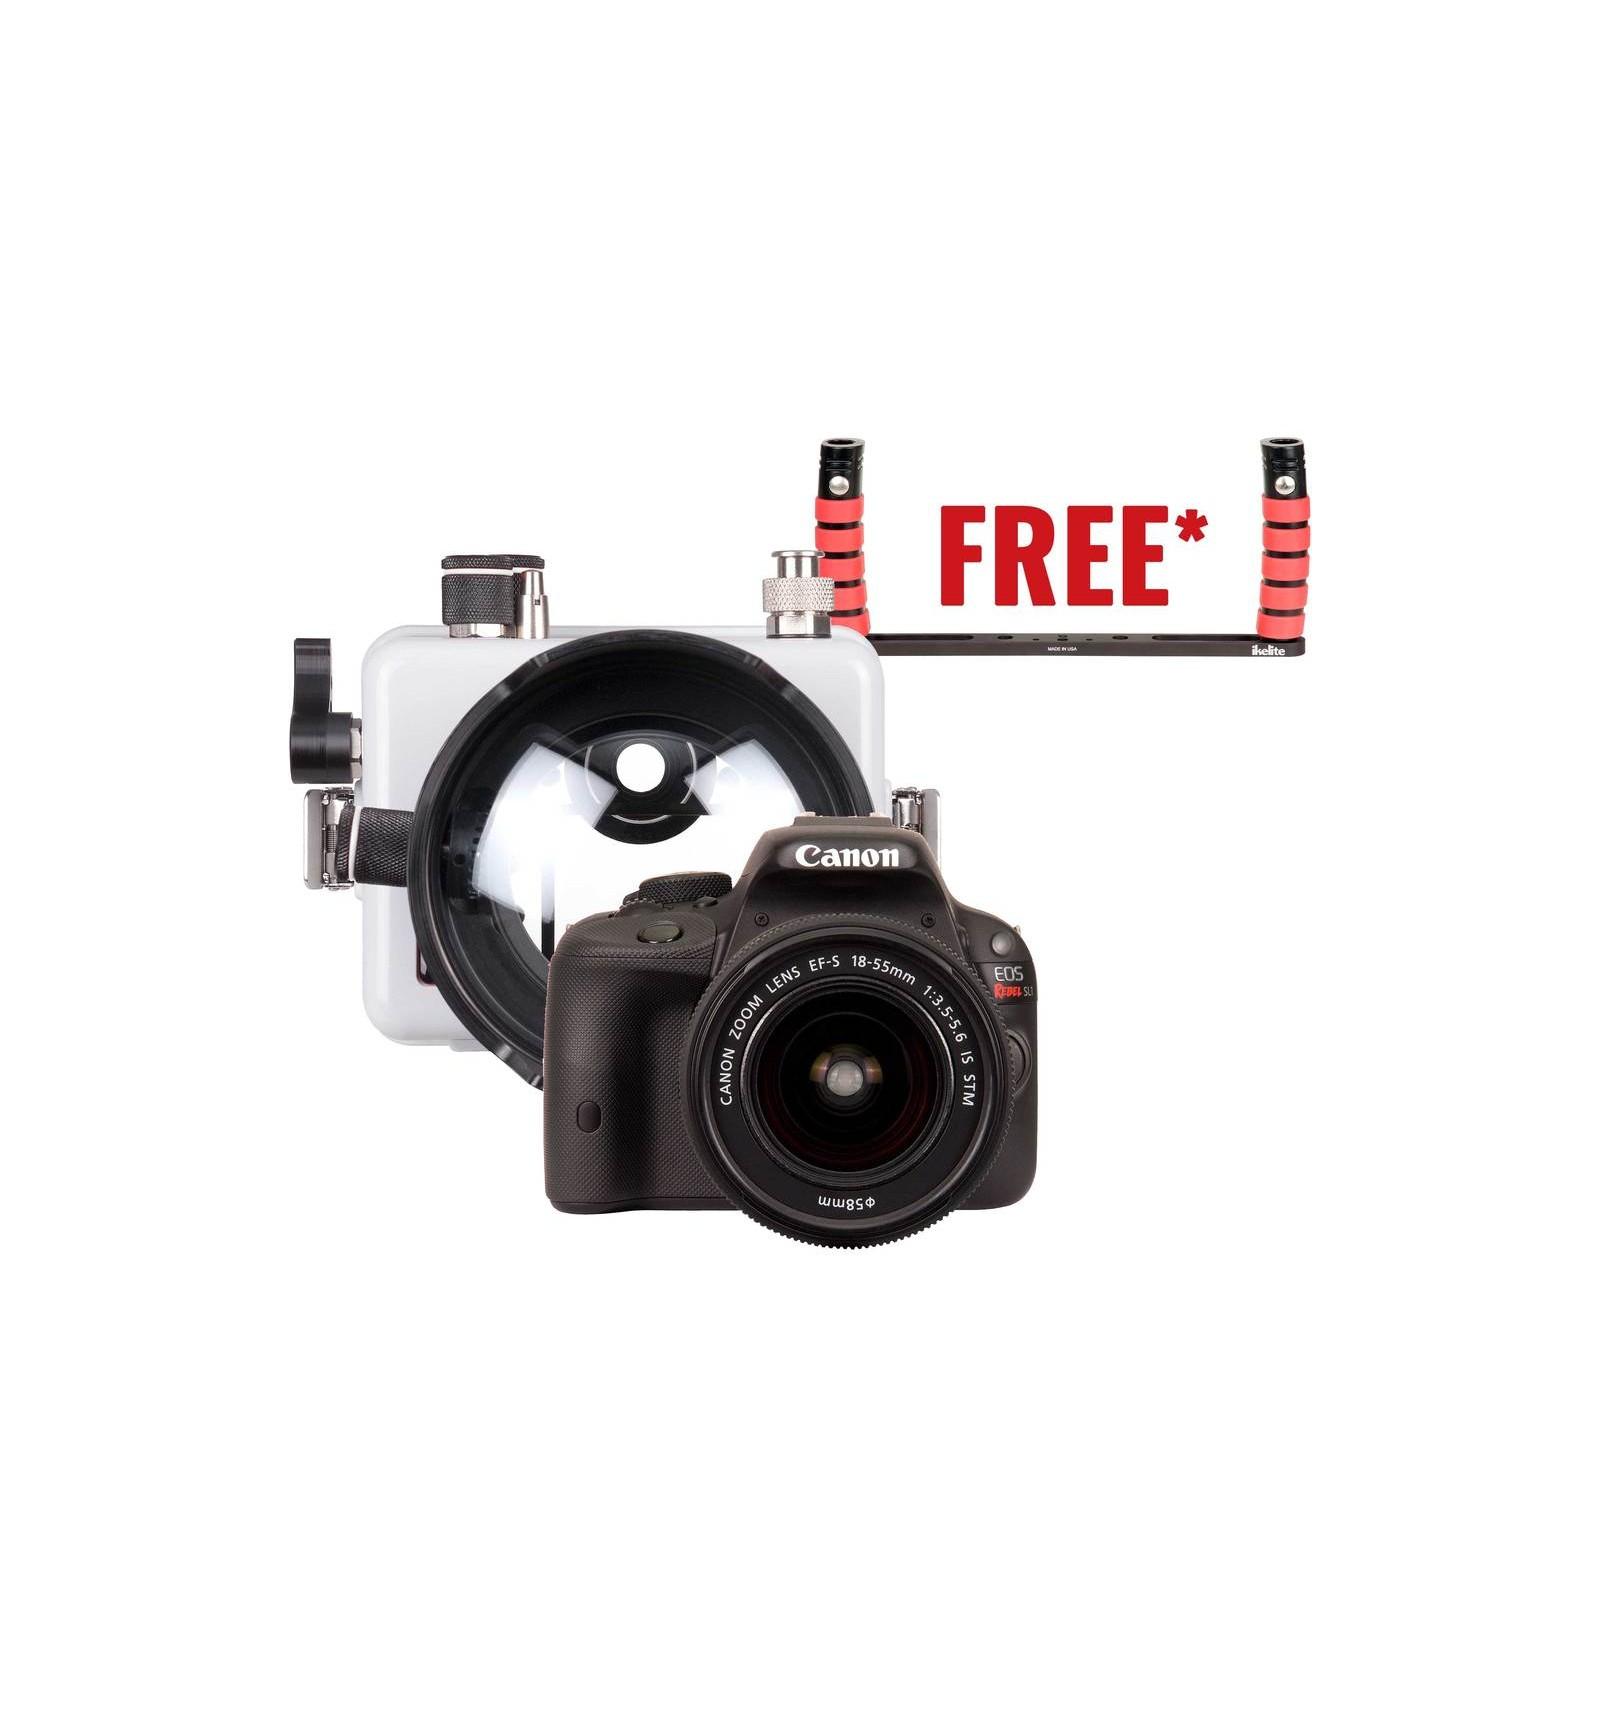 Ikelite Housing For Canon Eos 200d Rebel Sl2 Dslr Camera Kit 100d 18 55 Is Stm 100 D